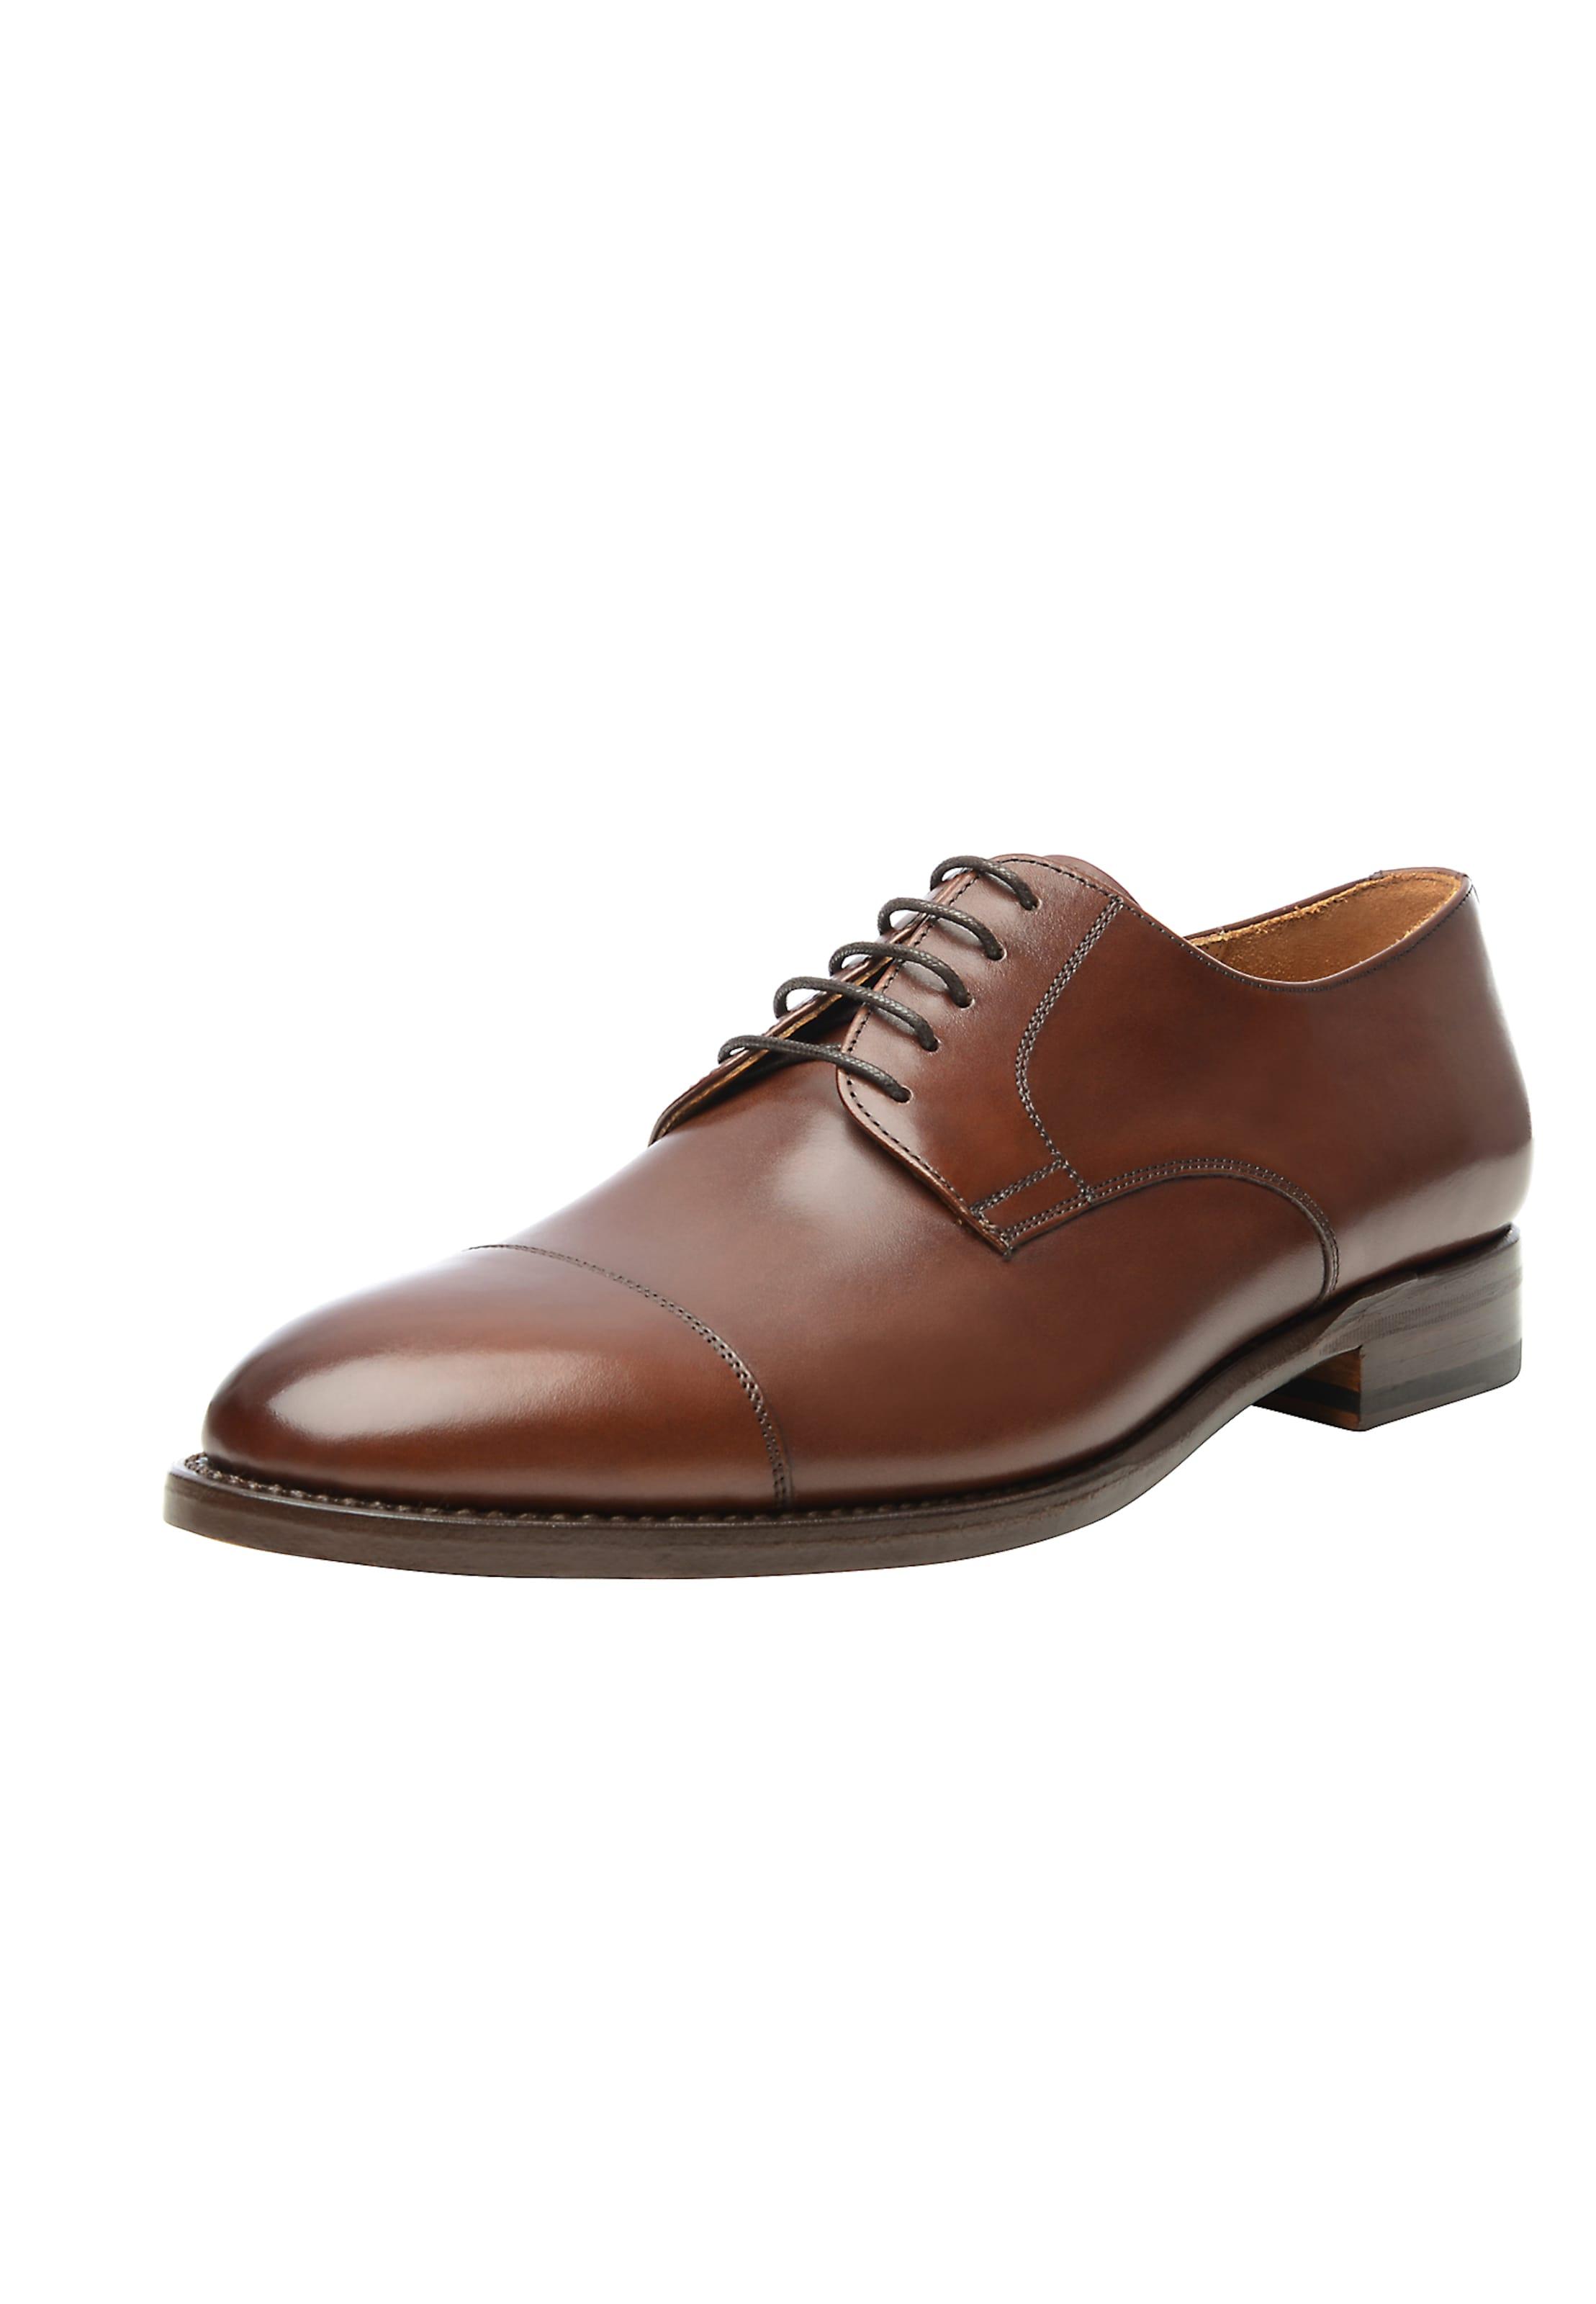 SHOEPASSION Businessschuhe No. 541 Verschleißfeste billige Schuhe